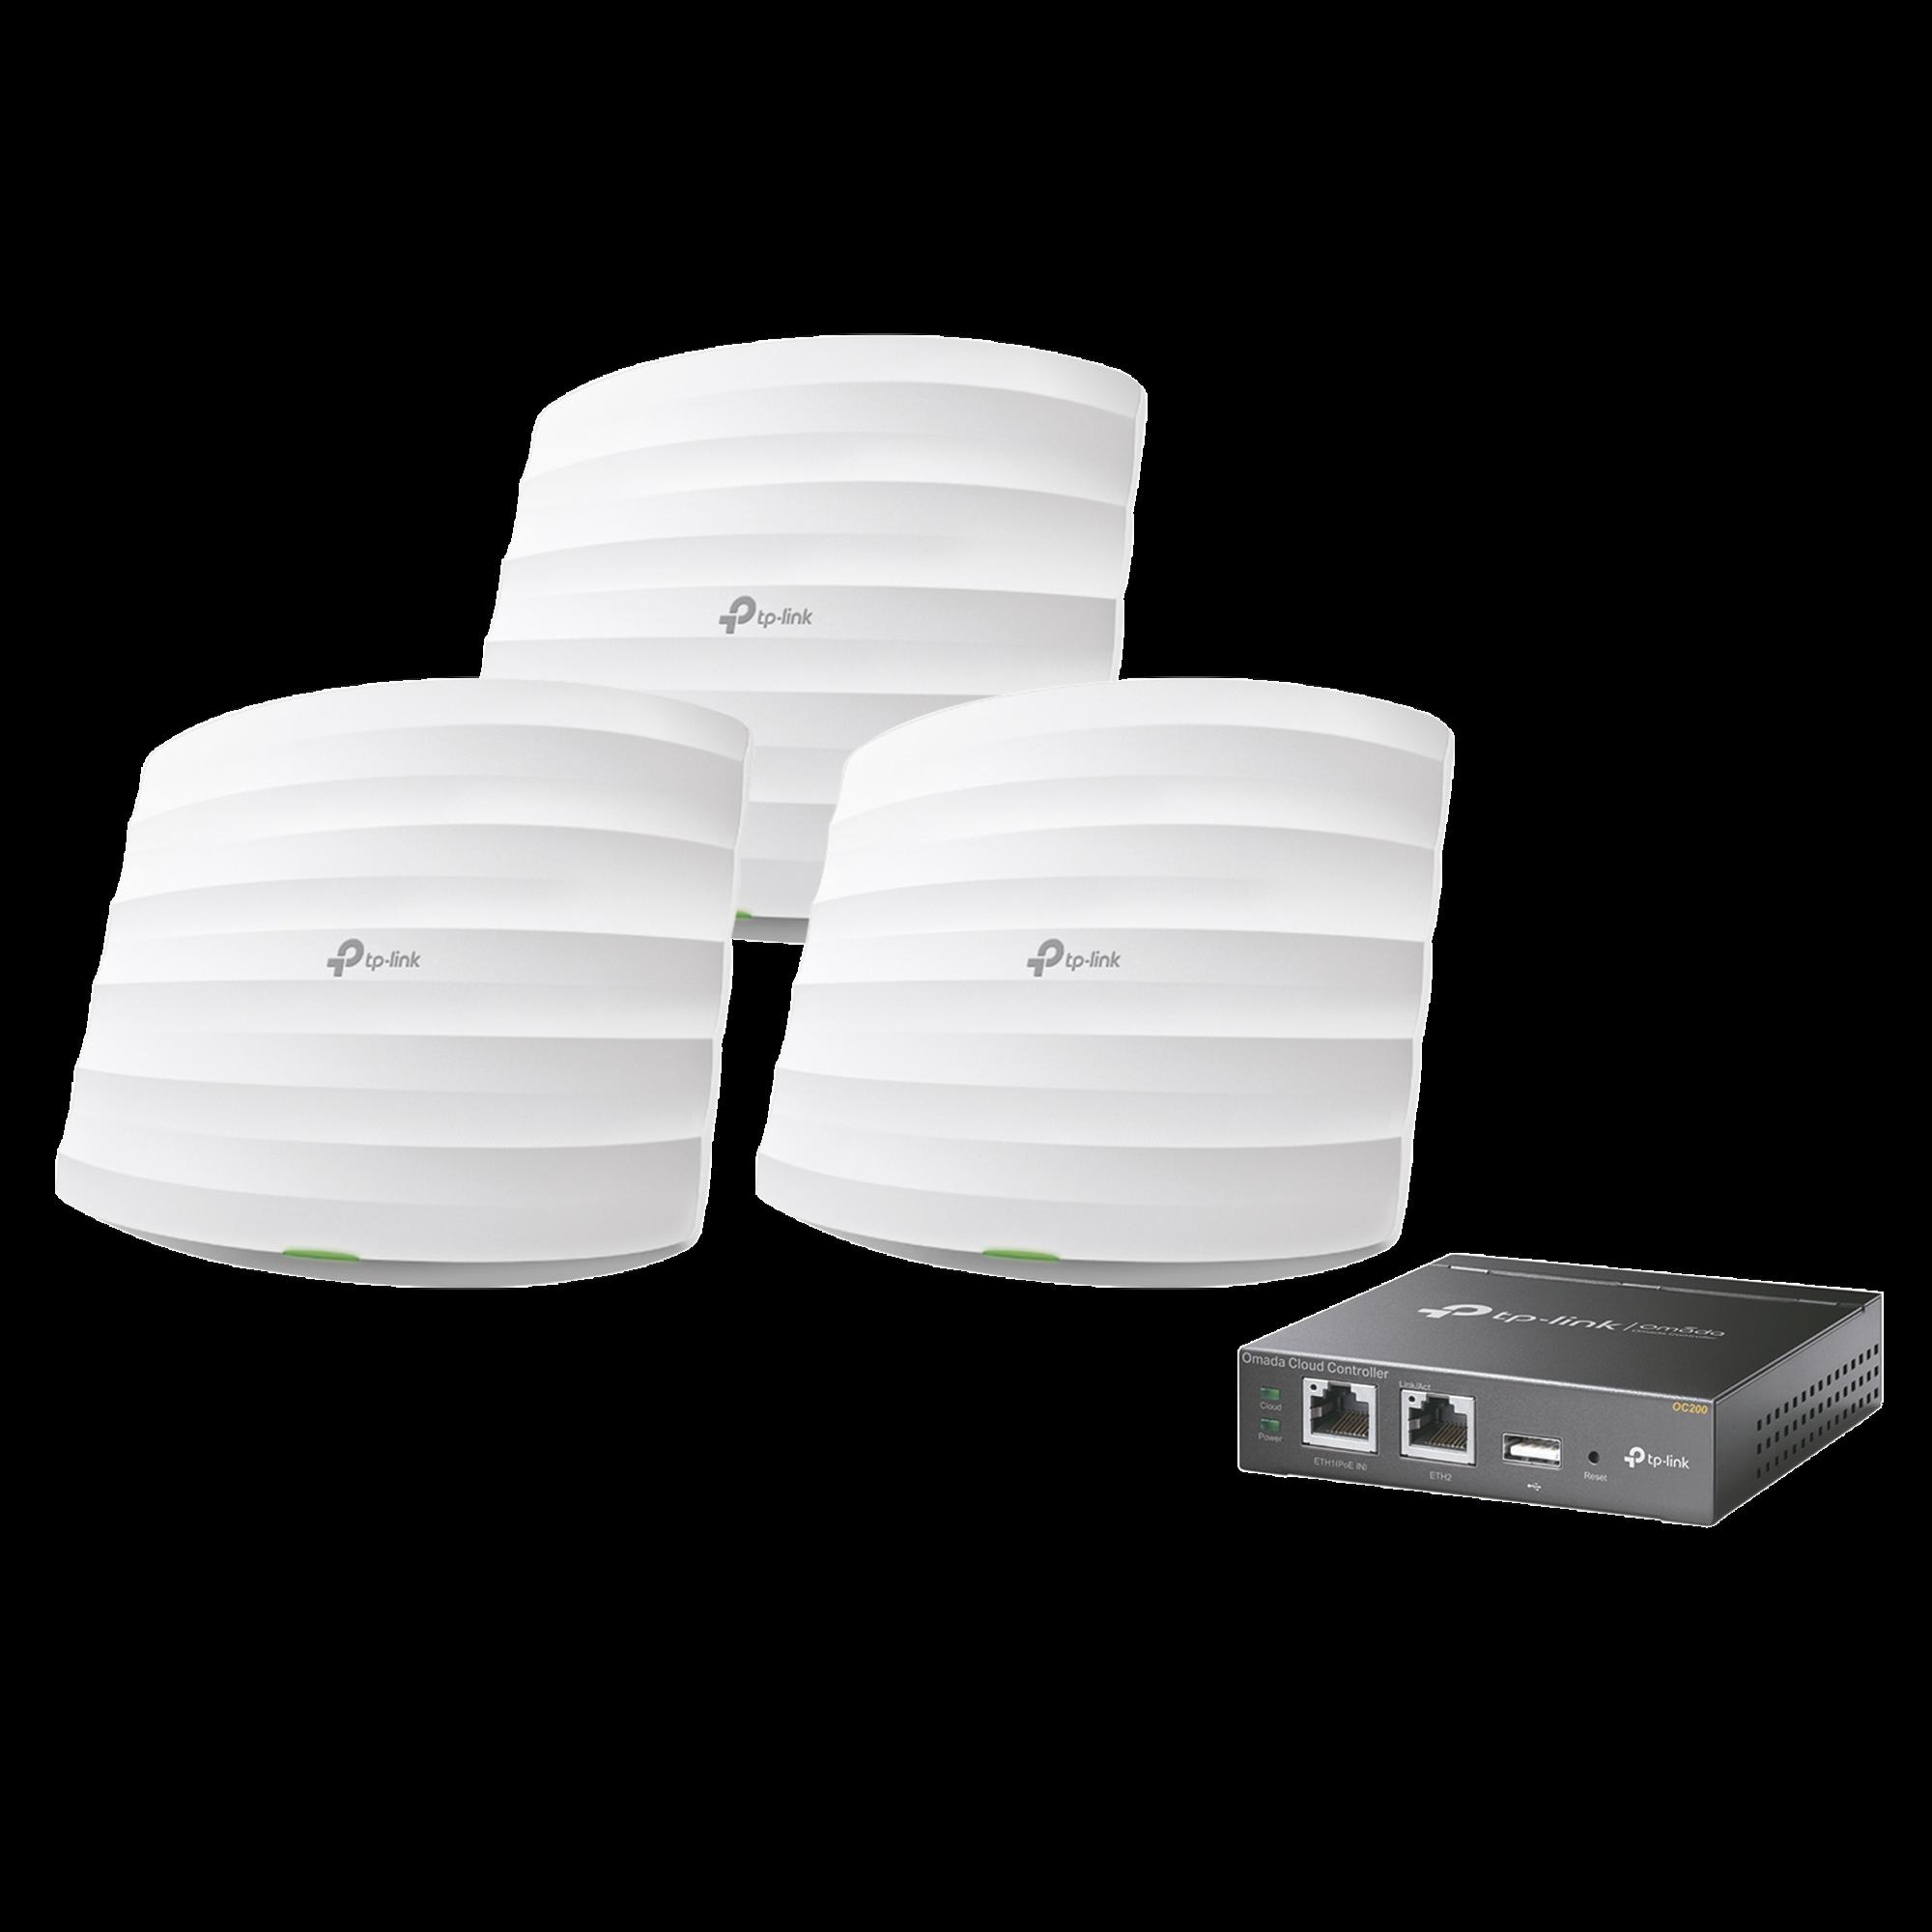 Kit de 3 Puntos de Accesso Omada y 1 Controlador, doble banda 802.11ac, MU-MIMO, PoE af y PoE Pasivo, soporta hasta 100 clientes, hasta 1350 Mbps.